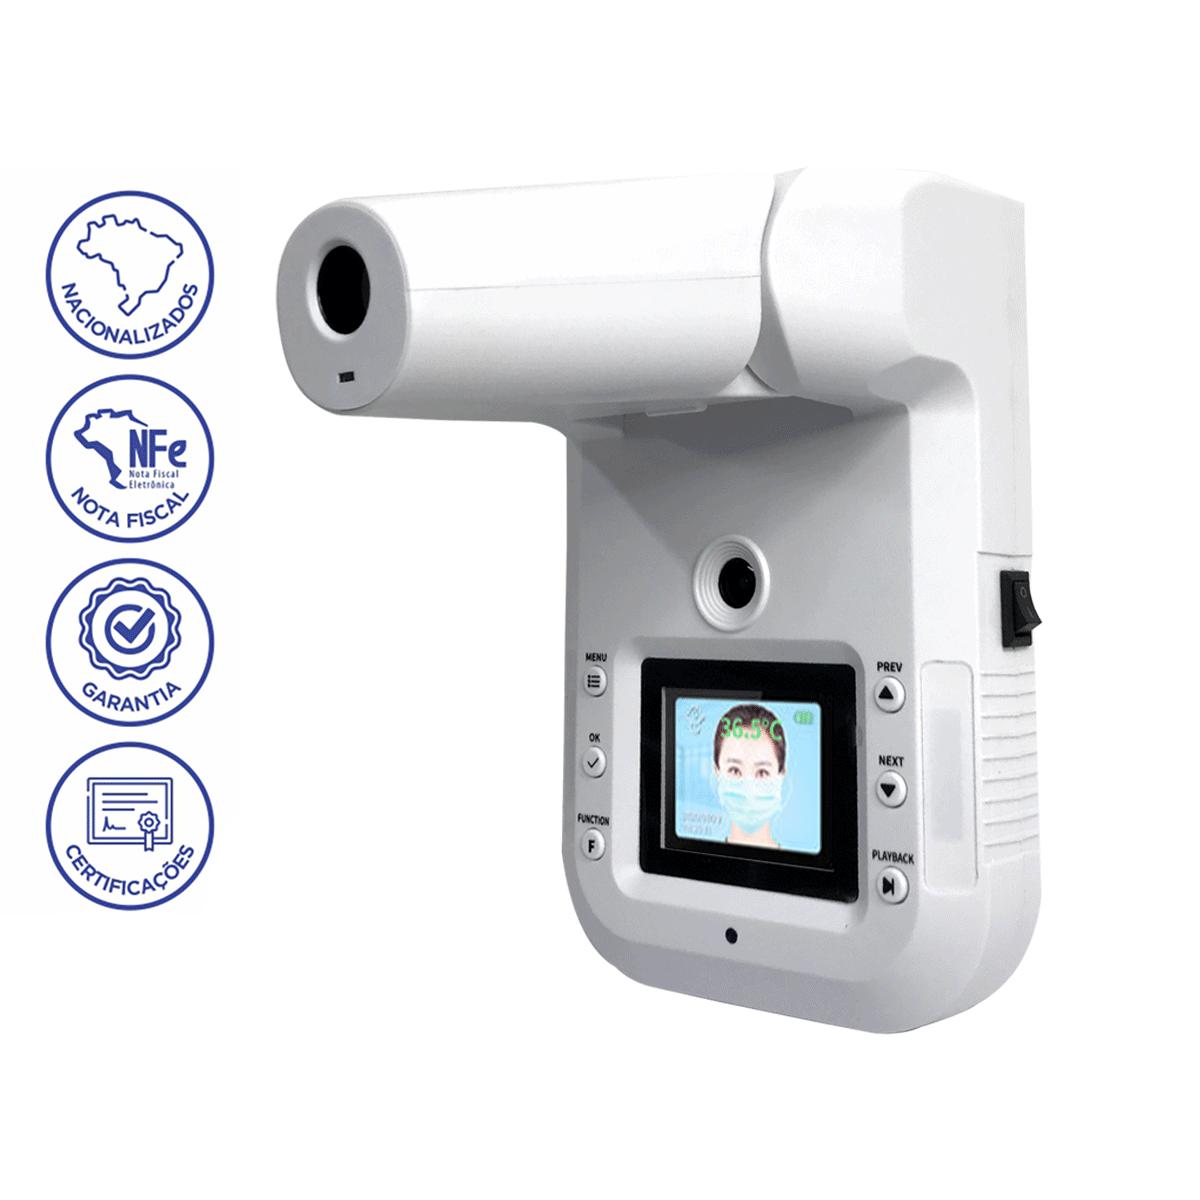 TP CAM -Termômetro com Câmera